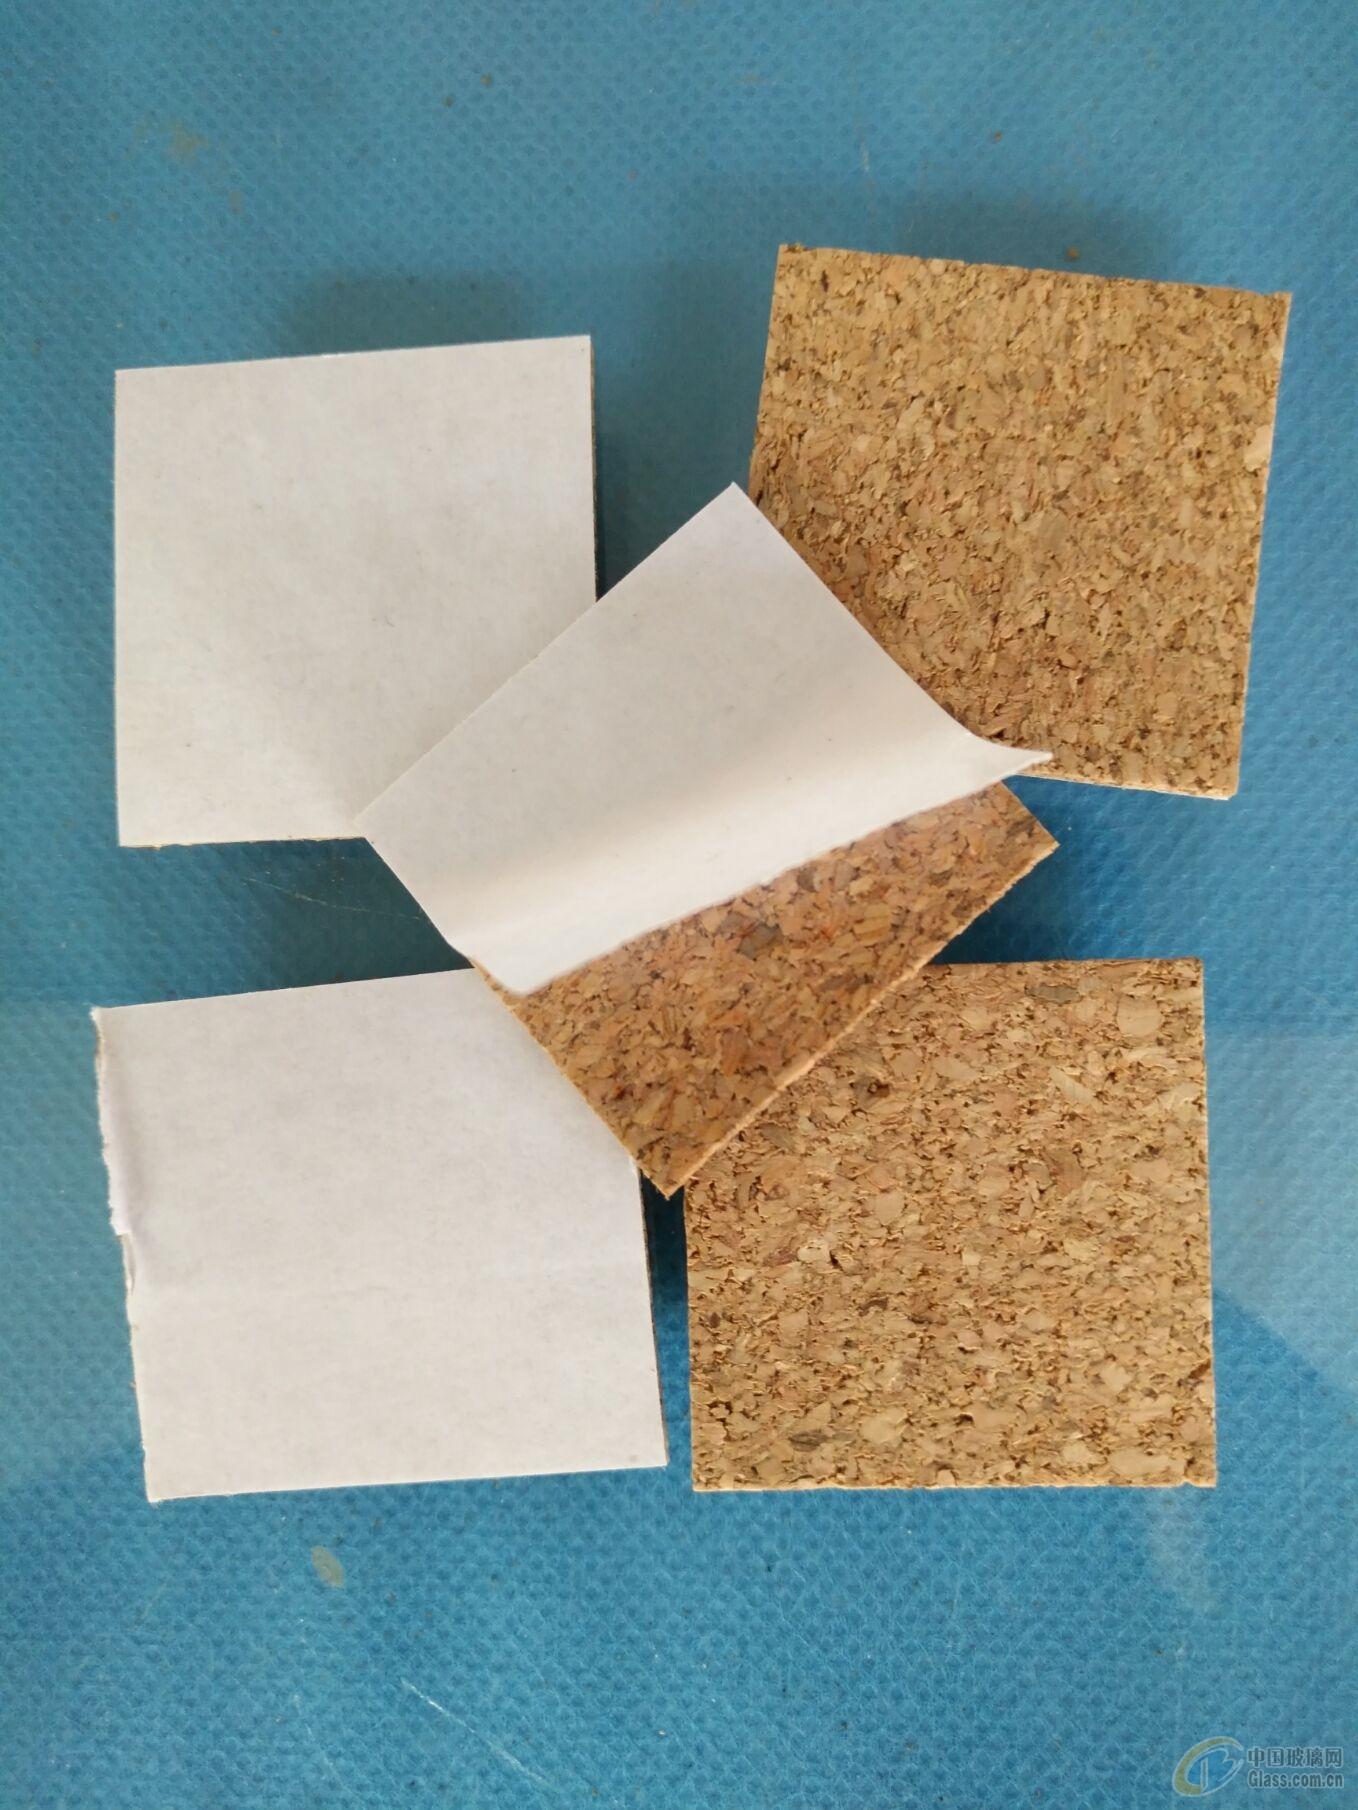 昆明玻璃软木垫 带胶垫 背胶垫厂家生产